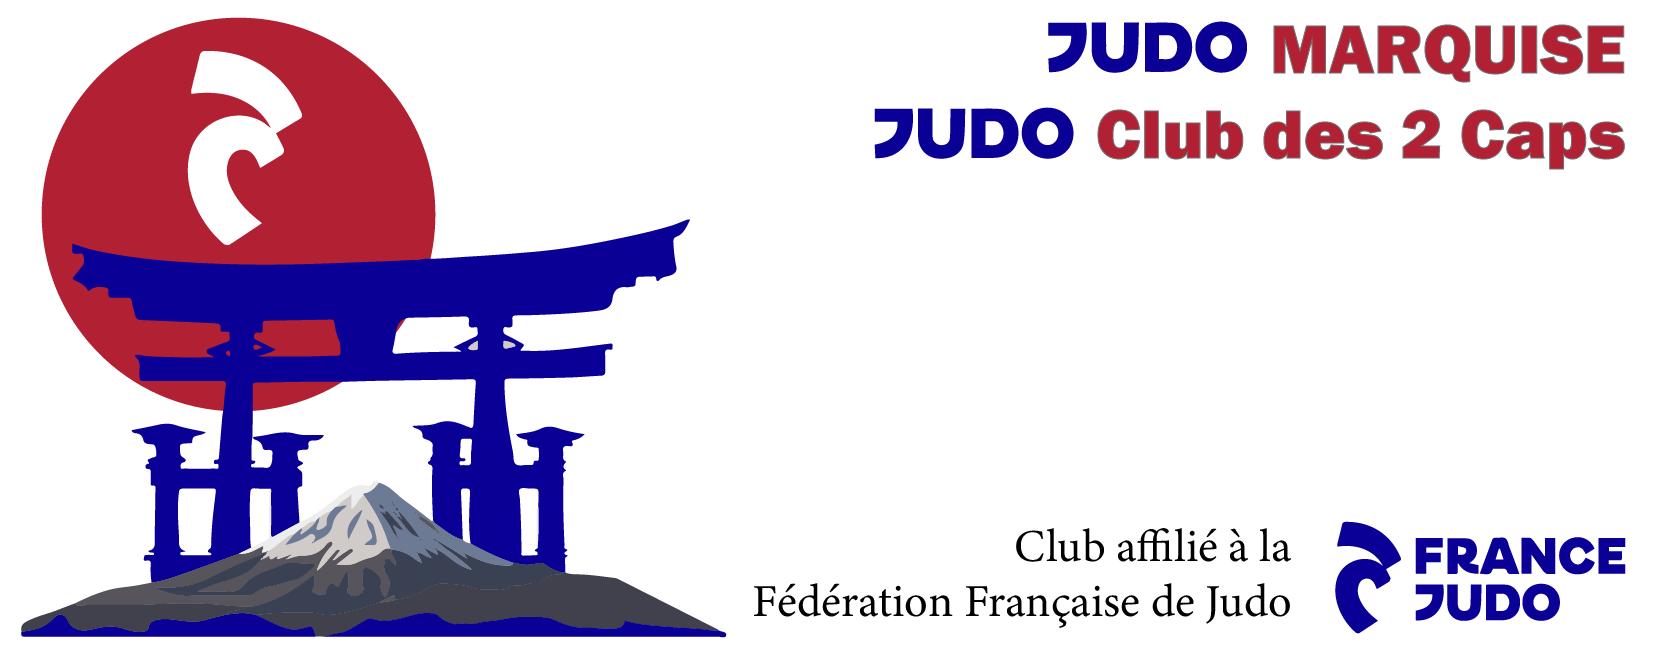 Judo Marquise - Club des 2 Caps